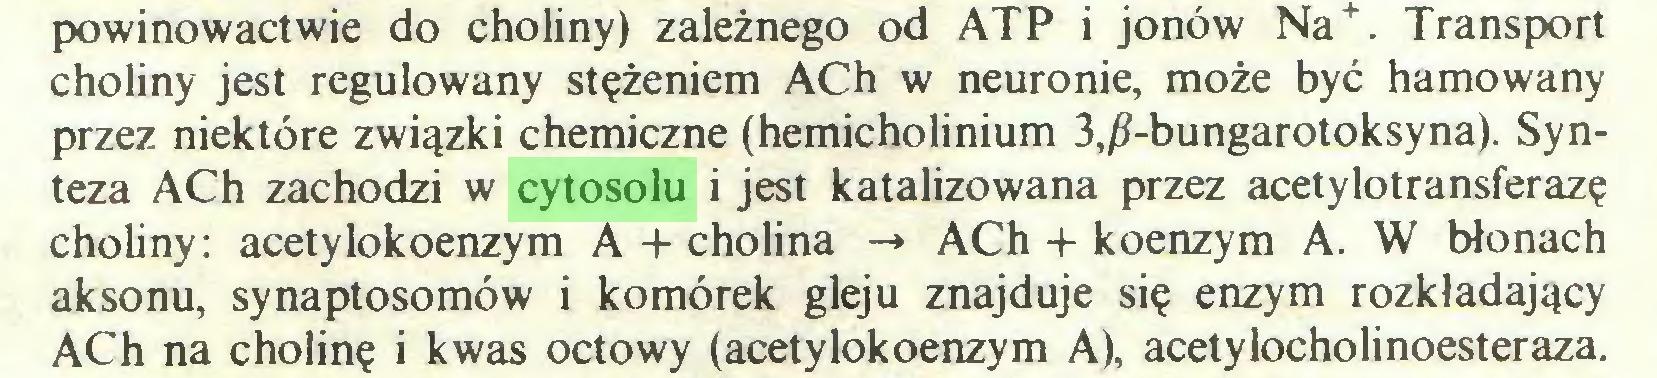 (...) . Transport choliny jest regulowany stężeniem ACh w neuronie, może być hamowany przez niektóre związki chemiczne (hemicholinium 3,/?-bungarotoksyna). Synteza ACh zachodzi w cytosolu i jest katalizowana przez acetylotransferazę choliny: acetylokoenzym A + cholina -» ACh -t- koenzym A. W błonach aksonu, synaptosomów i komórek gleju znajduje się enzym rozkładający ACh na cholinę i kwas octowy (acetylokoenzym A), acetylocholinoesteraza...